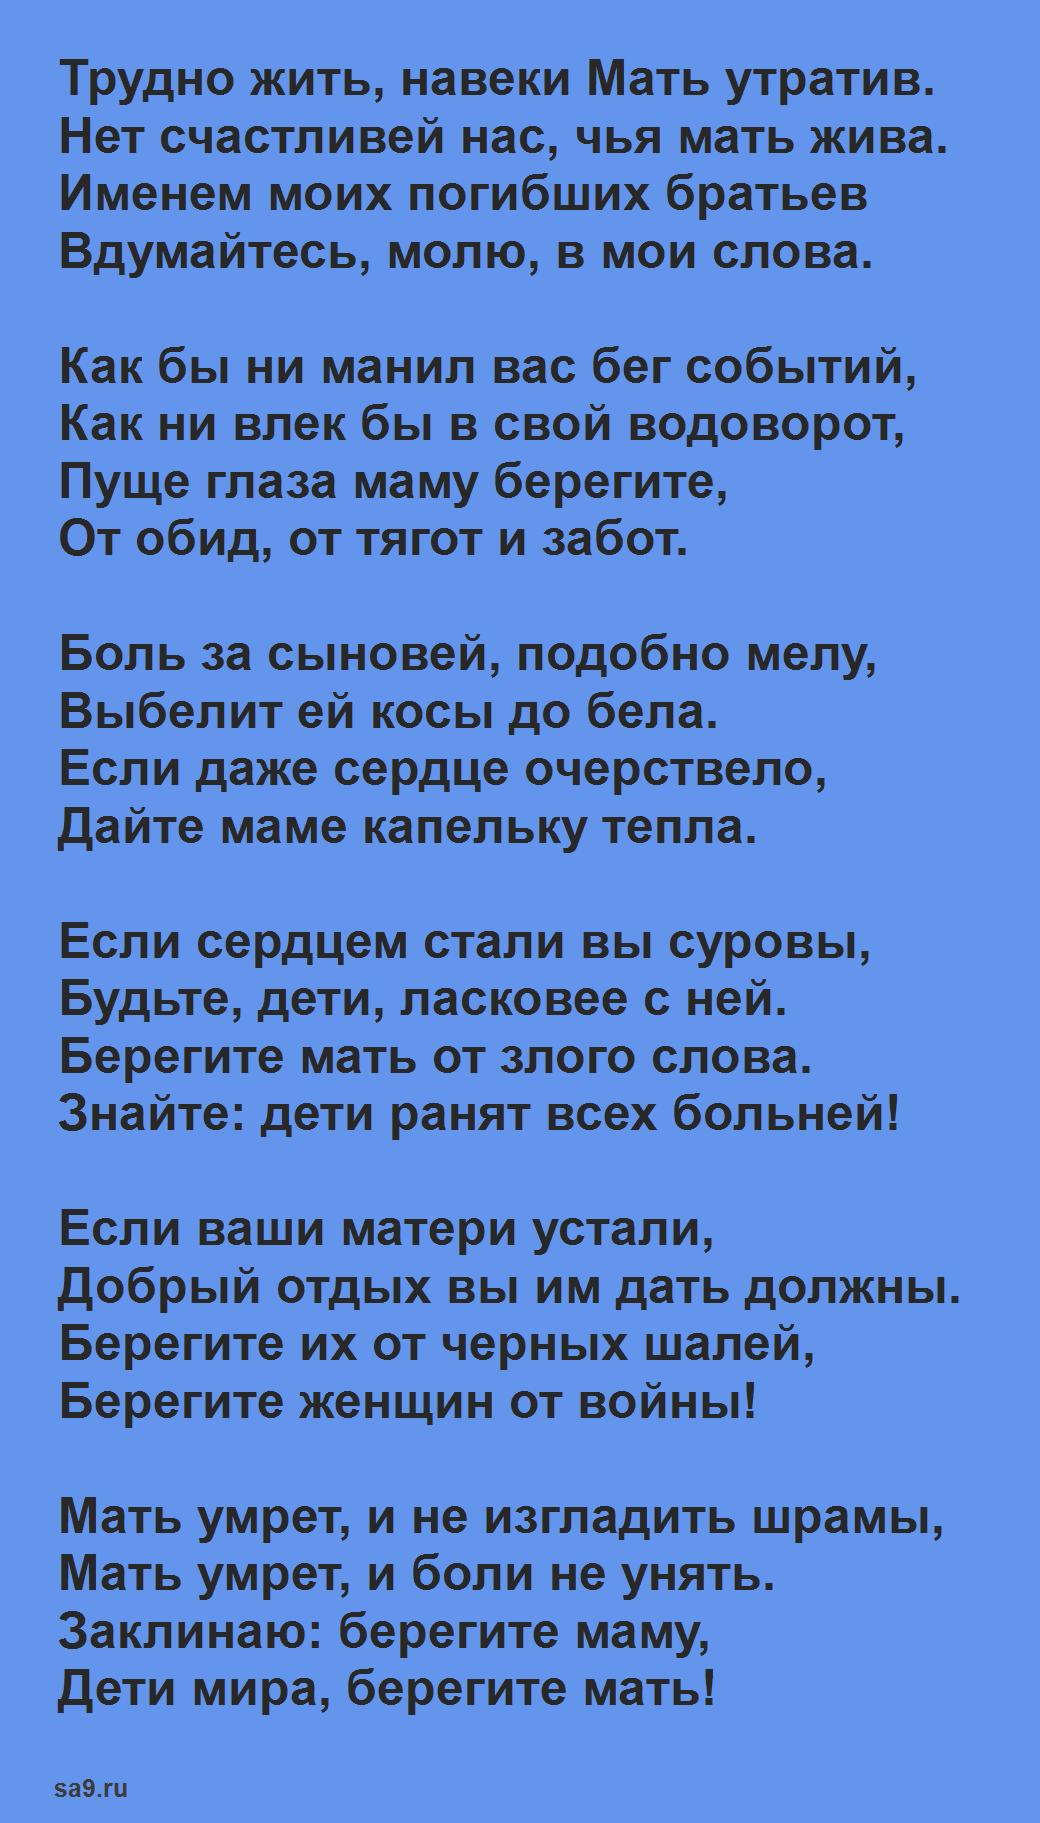 Стихи Гамзатова о матери - Слово о матери